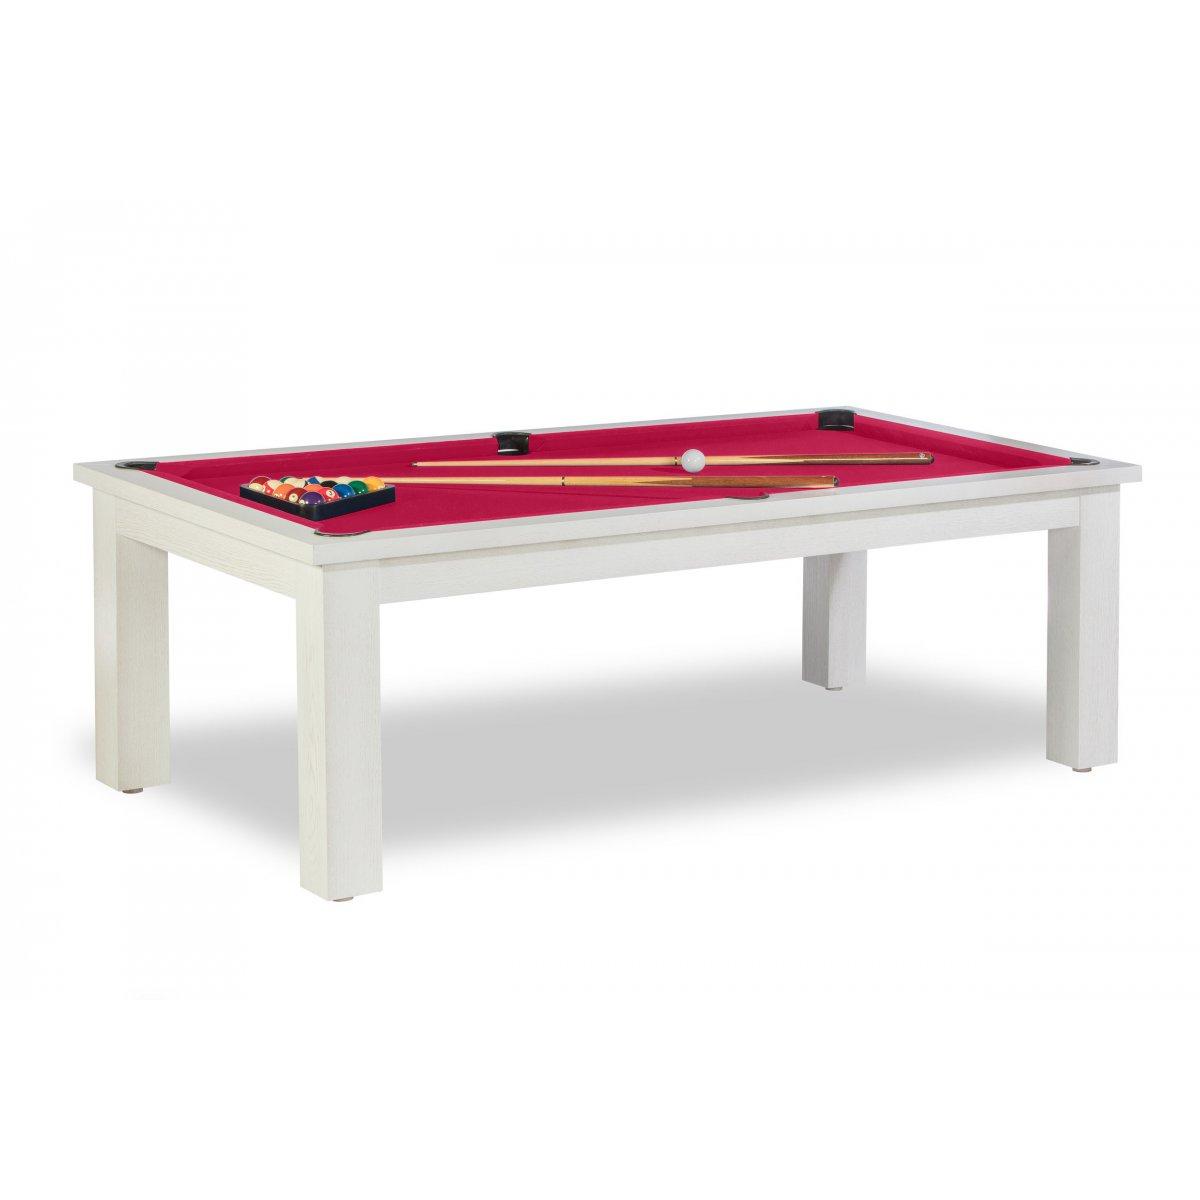 billard table a manger billard quebec design. Black Bedroom Furniture Sets. Home Design Ideas